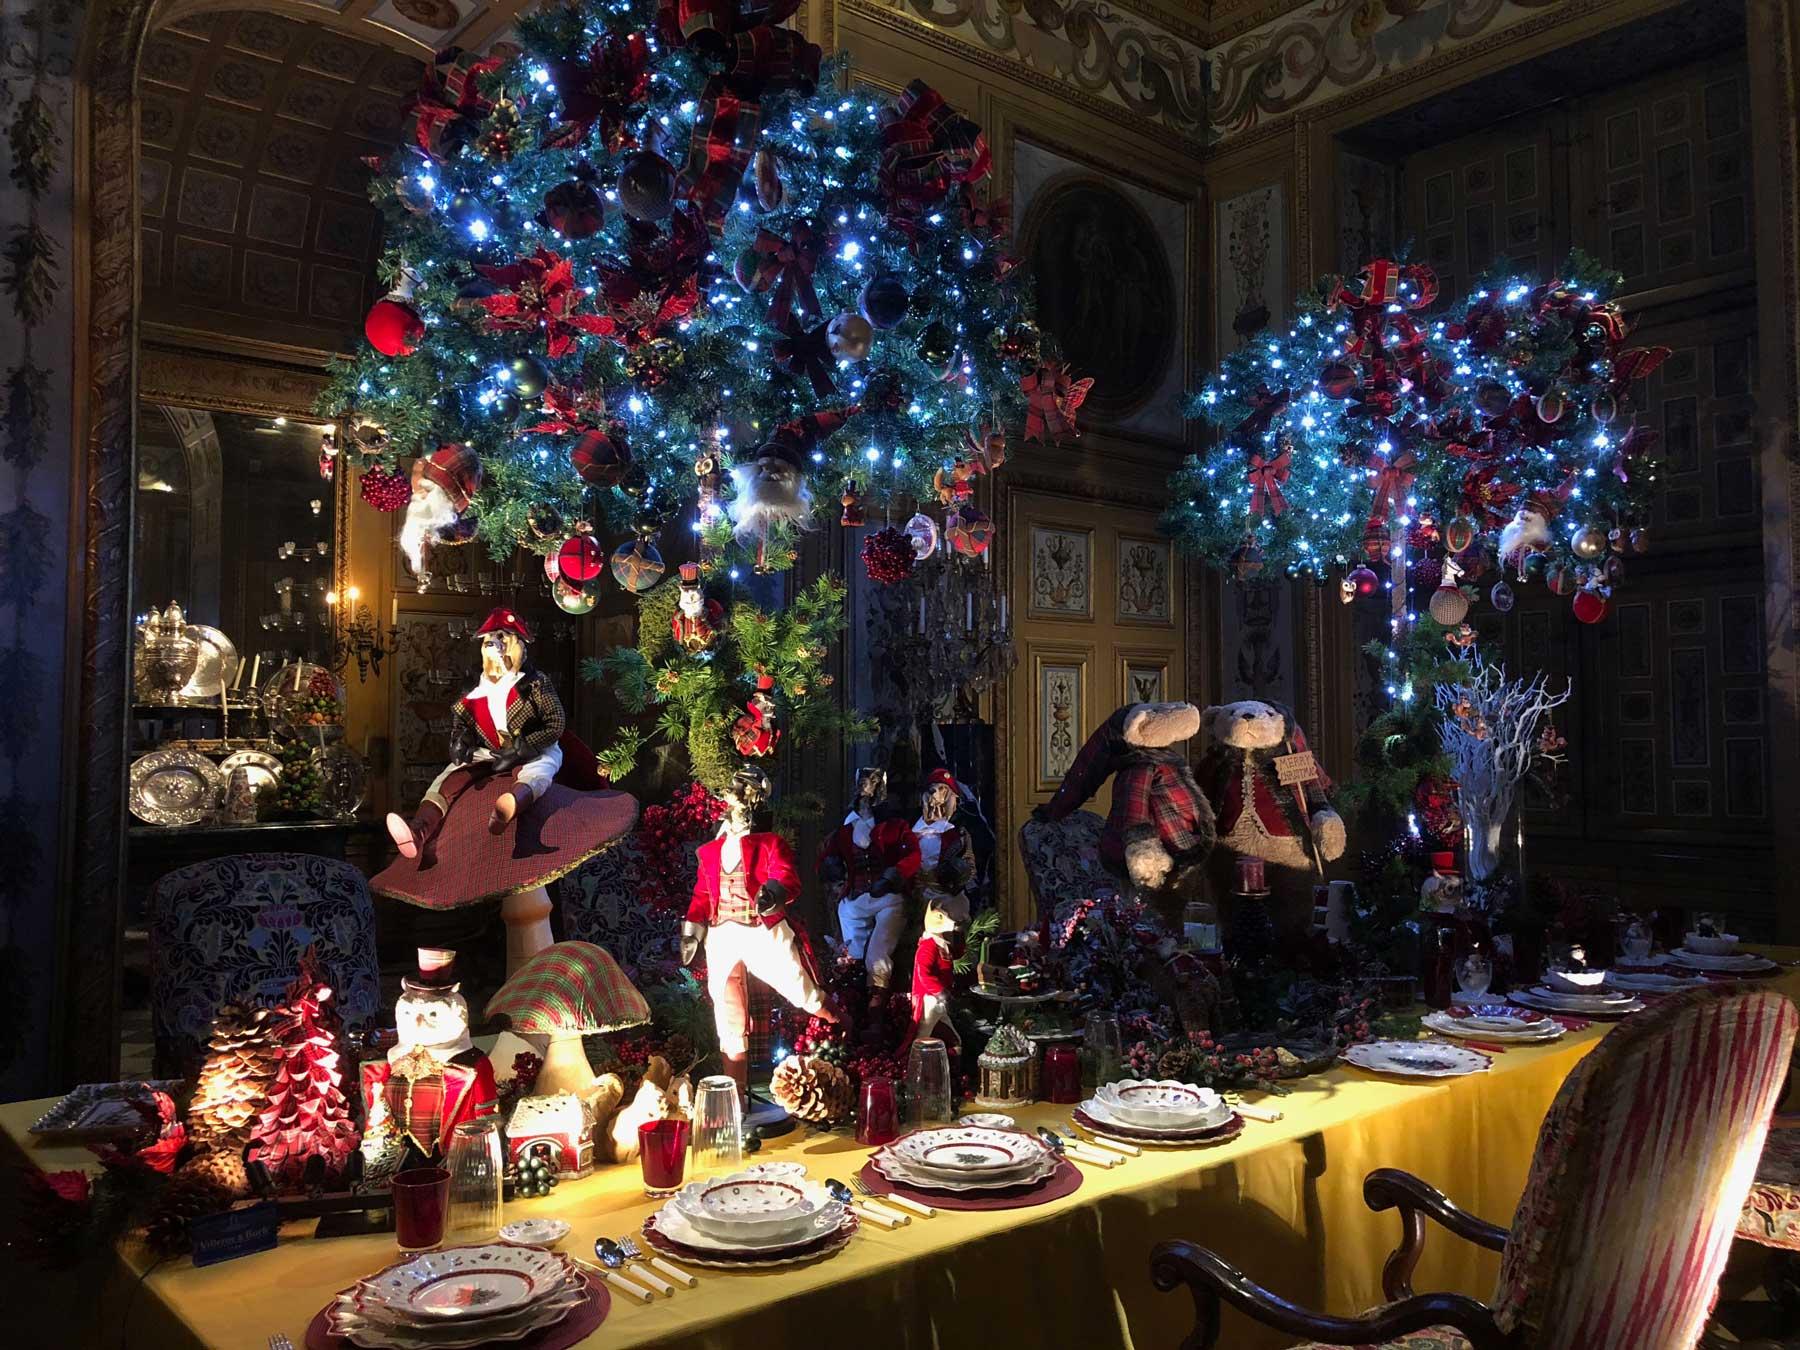 vaux-le-vicomte-christmas-table